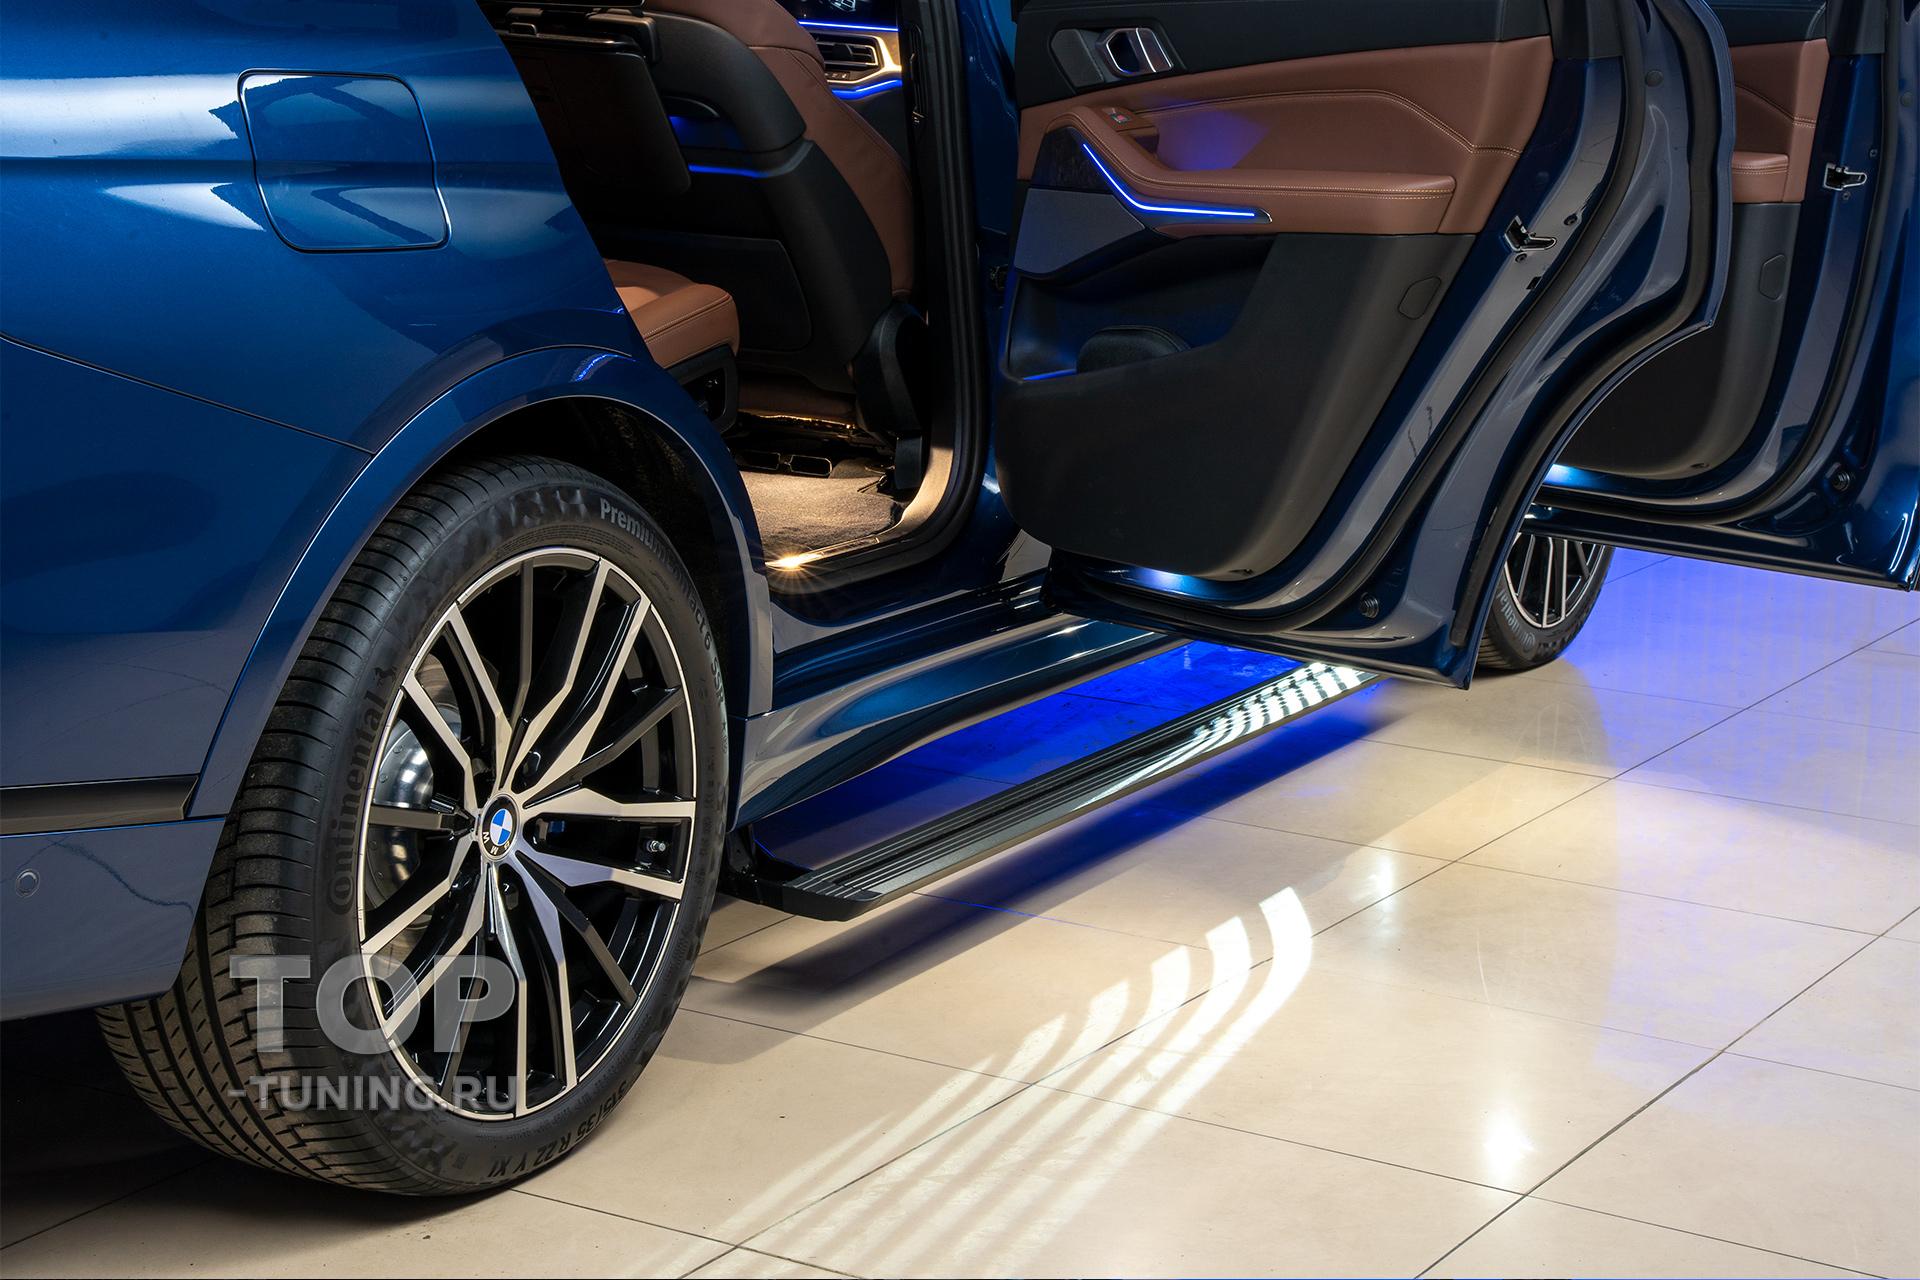 Выдвижные пороги ступени для BMW (автоматические подножки) Установка, под ключ, Москва